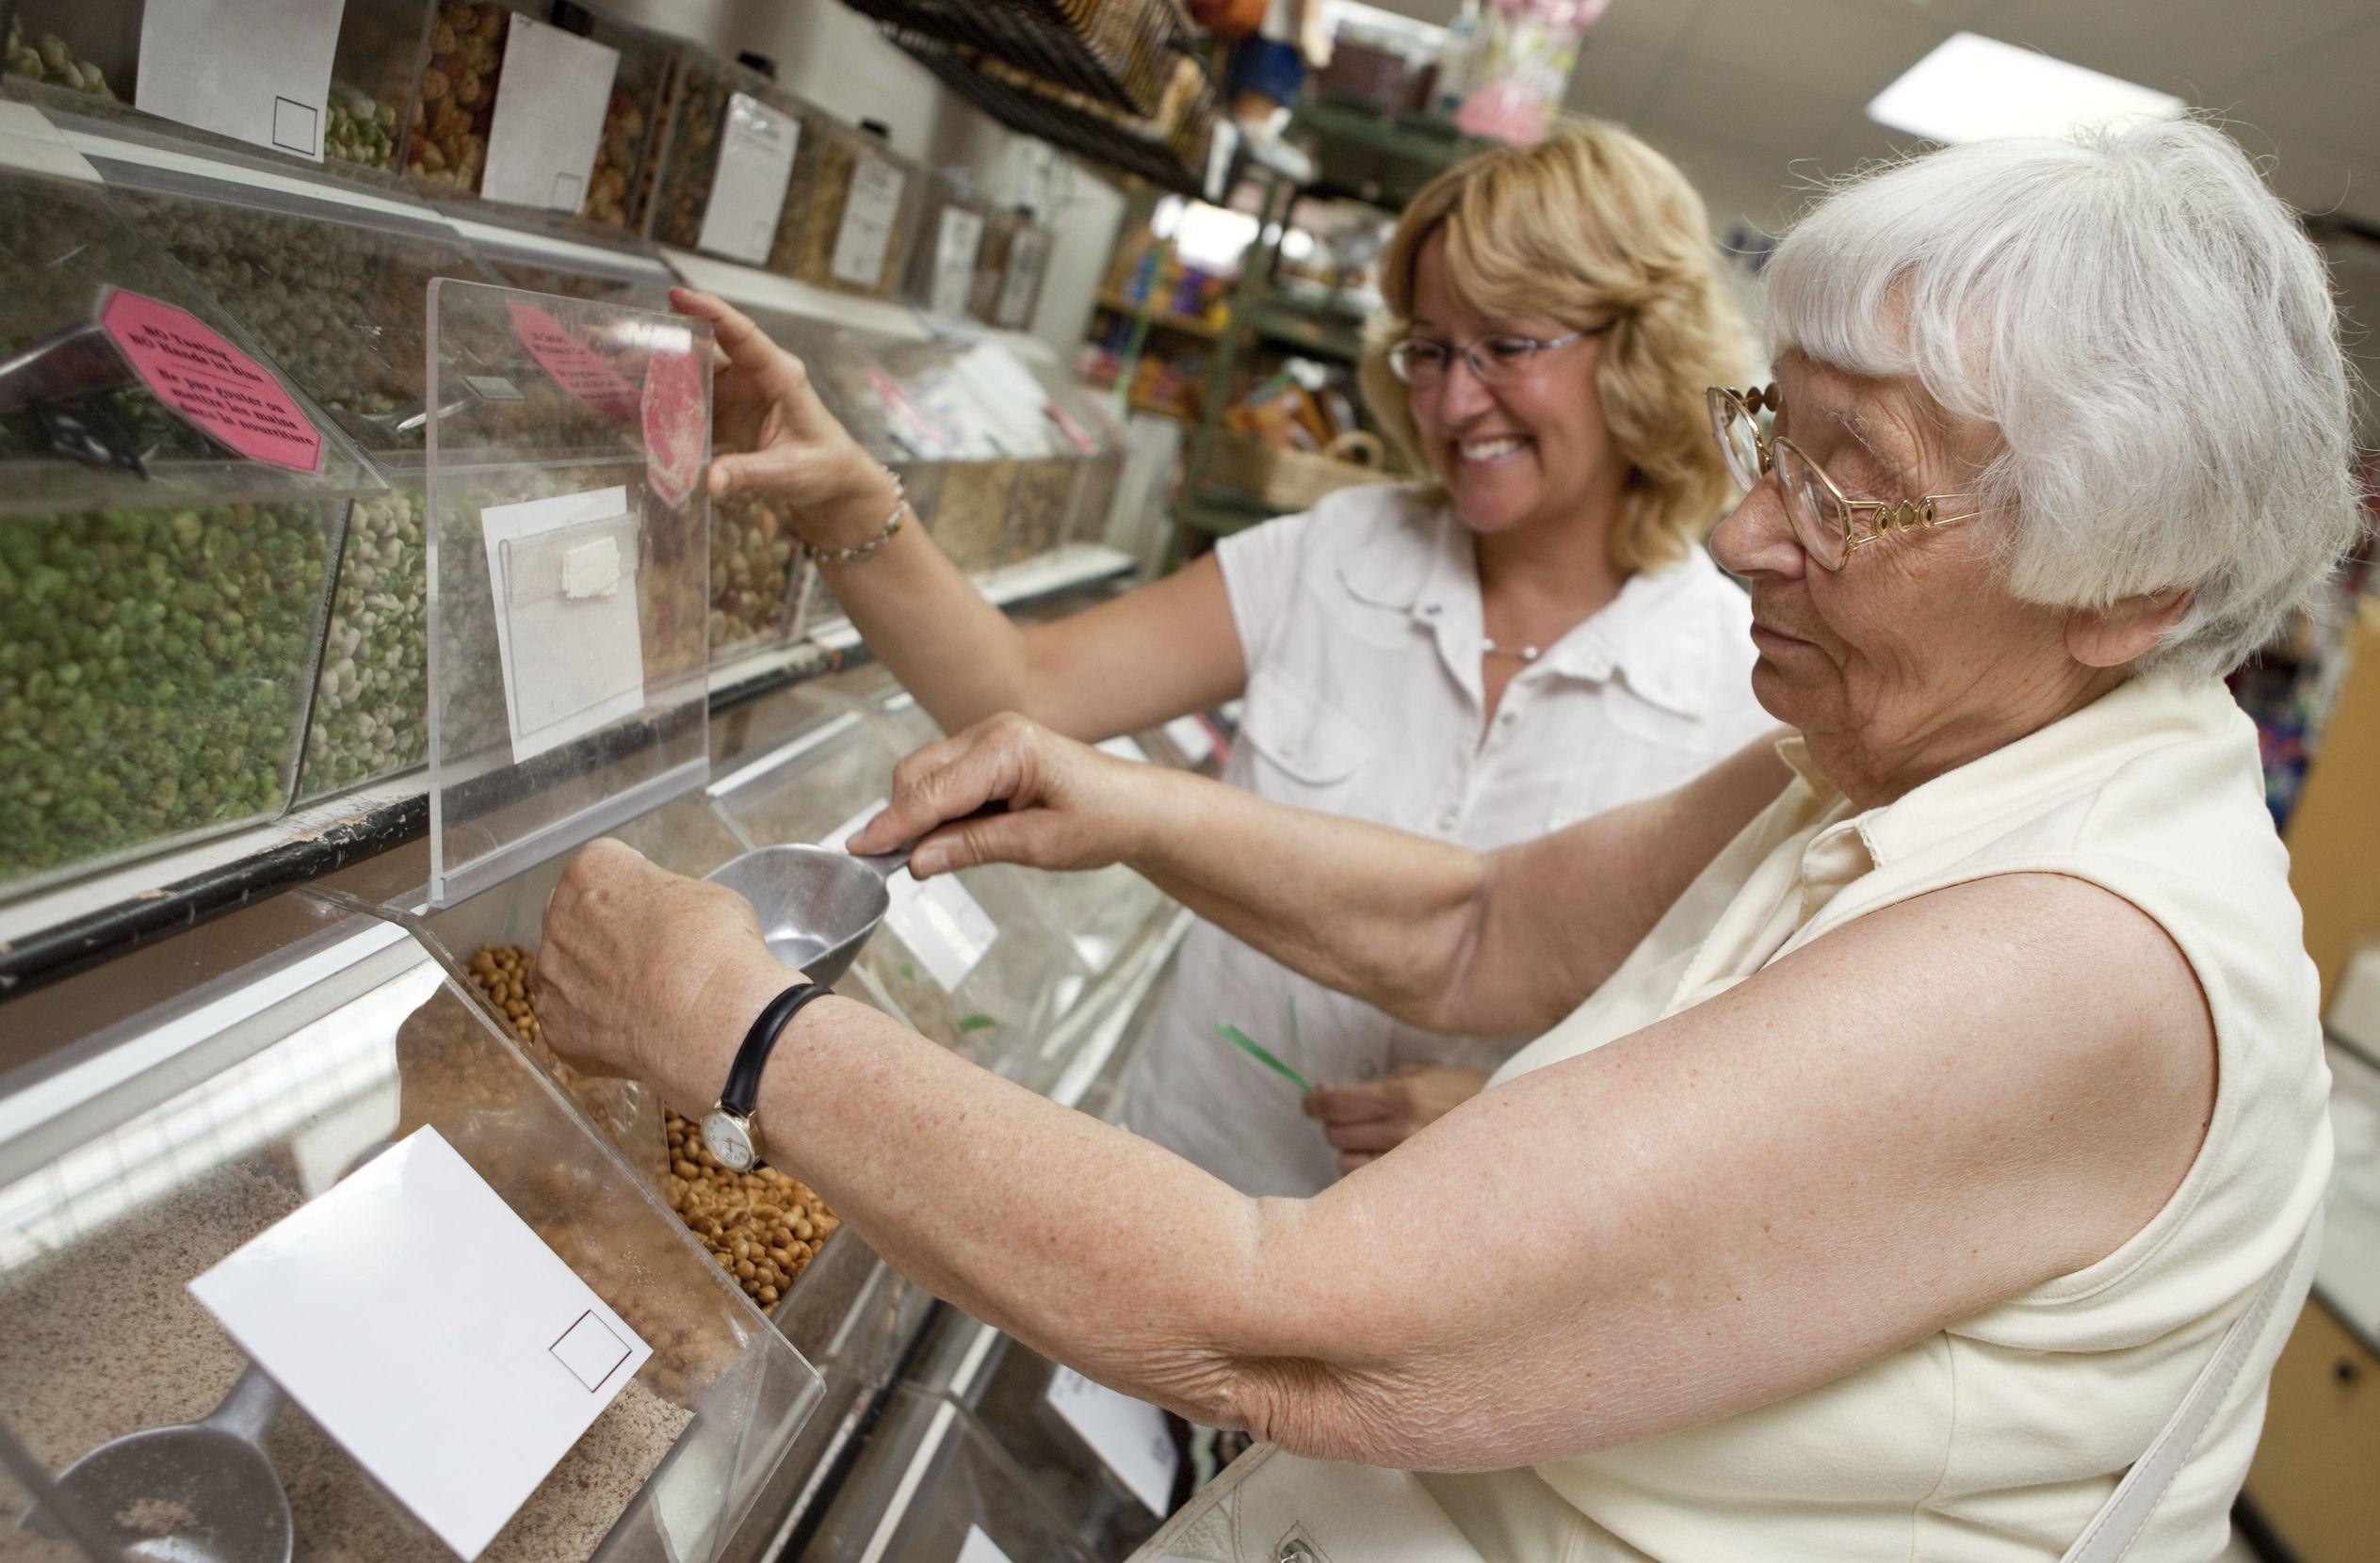 Według rekruterów senior w pracy jest bardziej sumienny niż młodzi ludzie